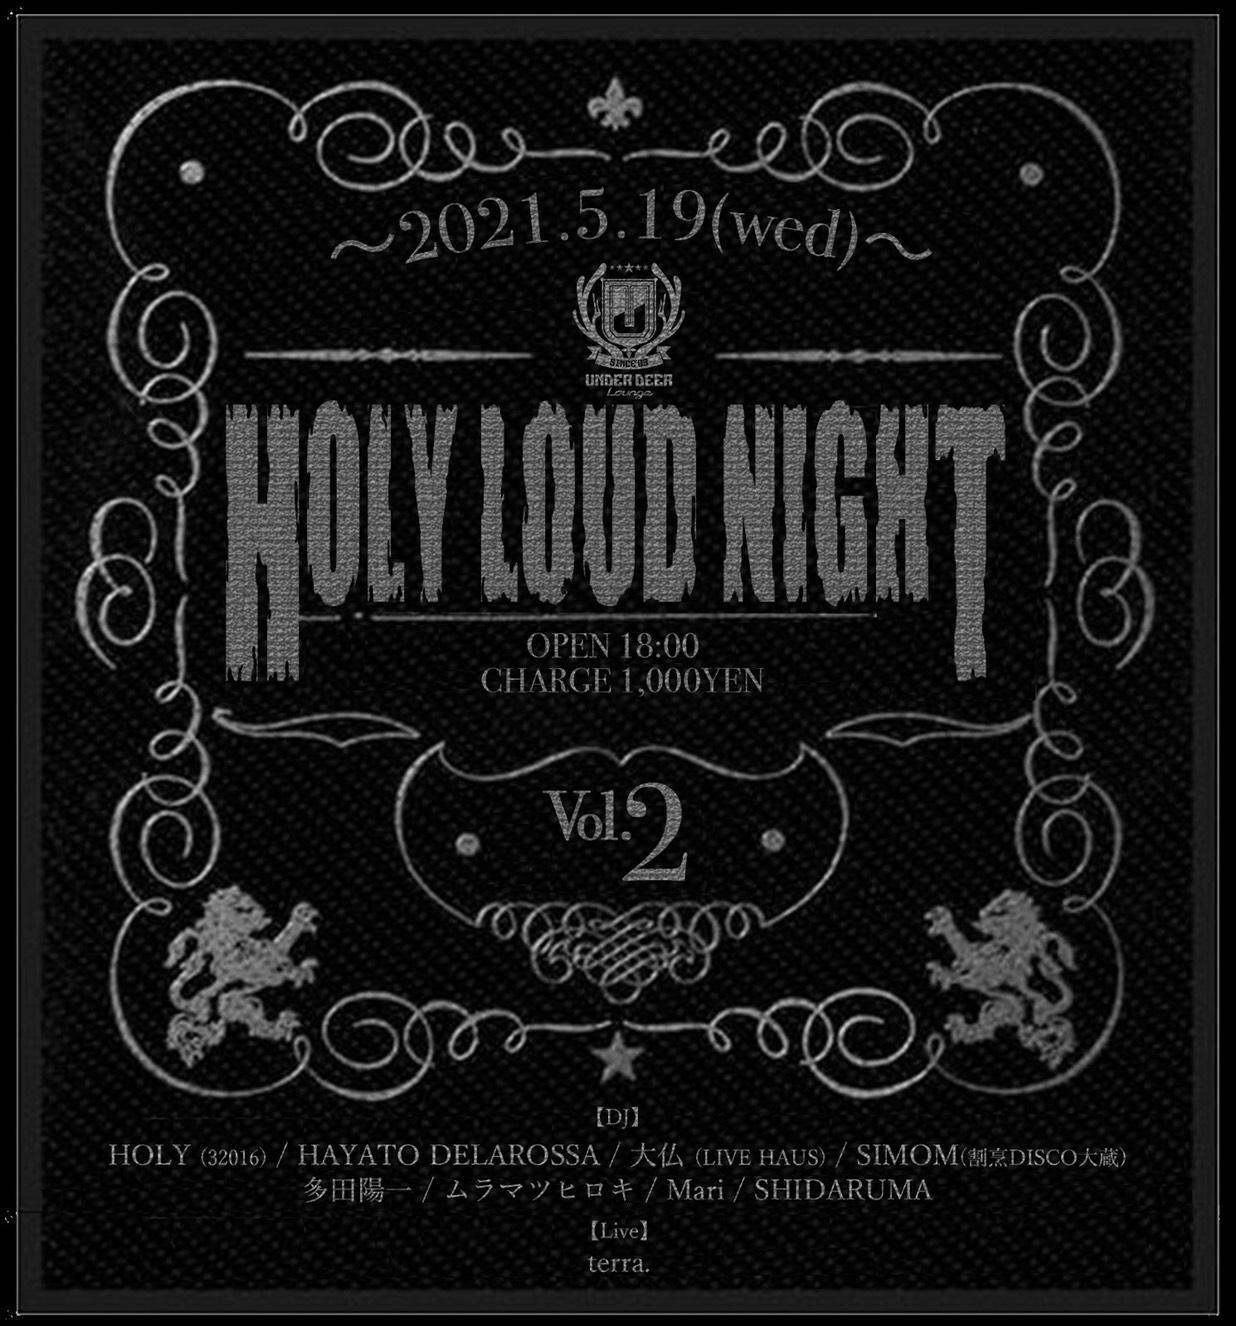 2021.5.19(wed) HOLY LOUD NIGHT @渋谷UNDER DEER Lounge